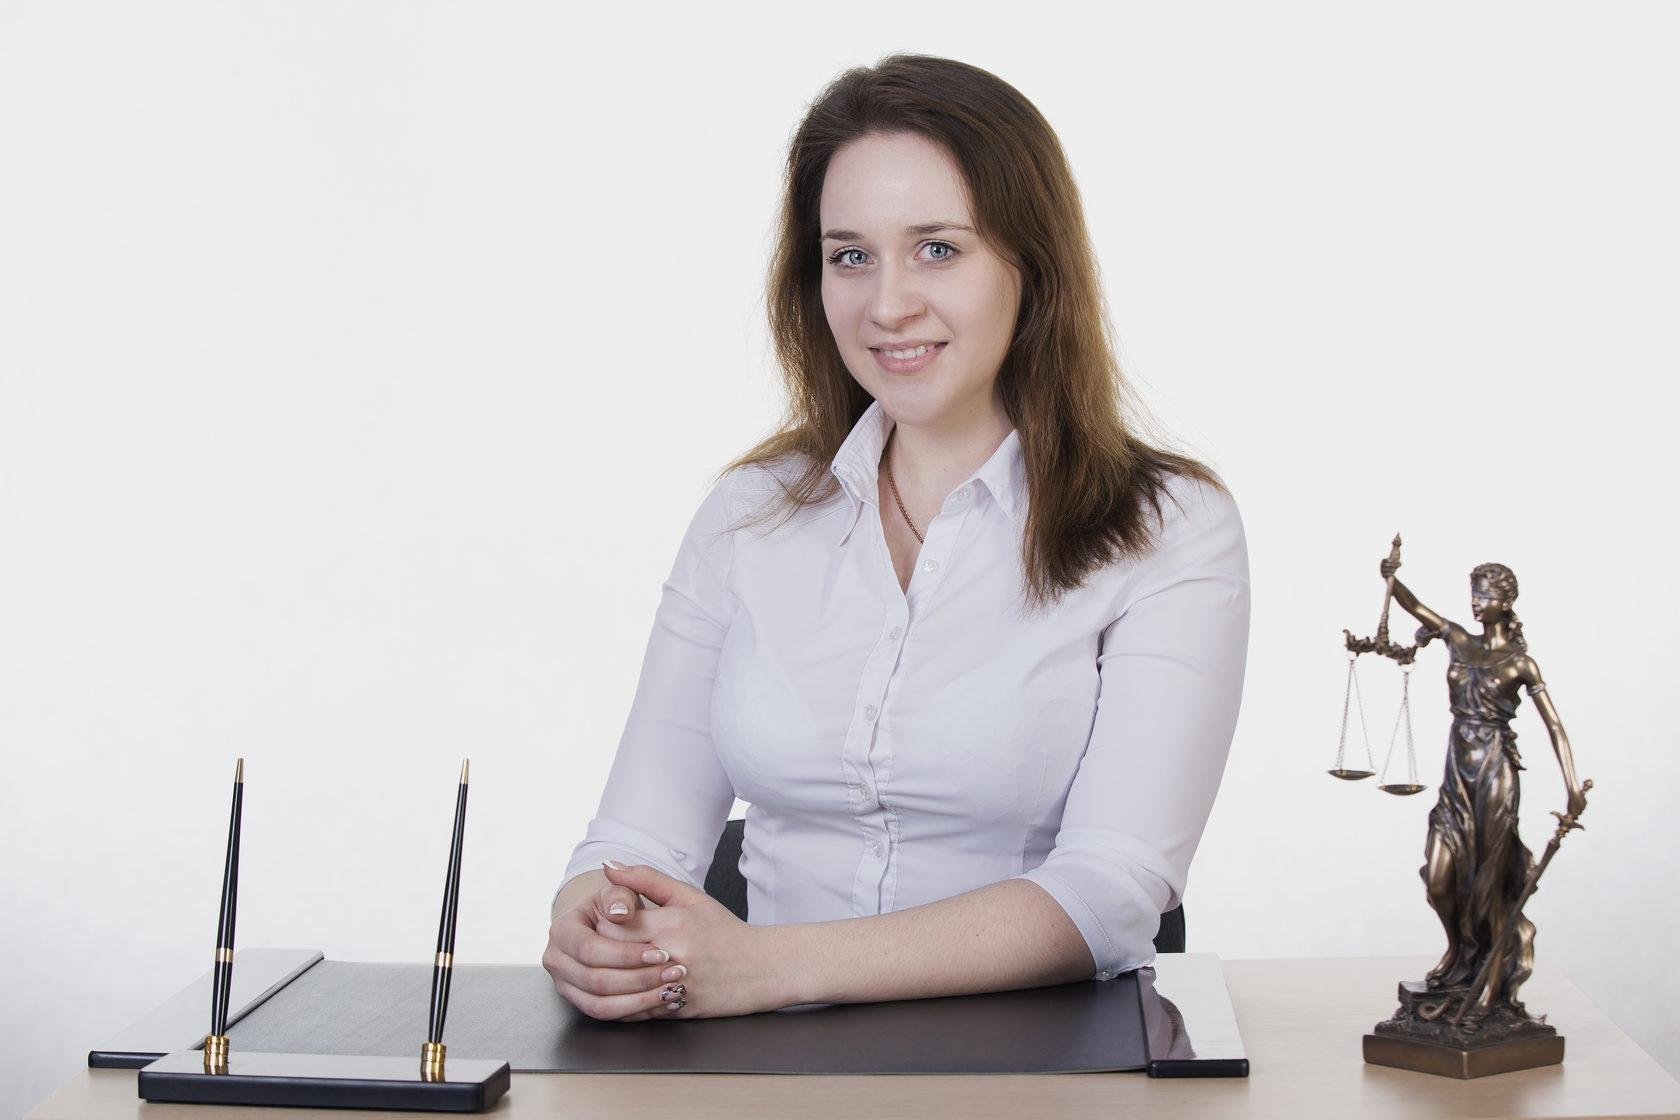 адвокат без опыта работы